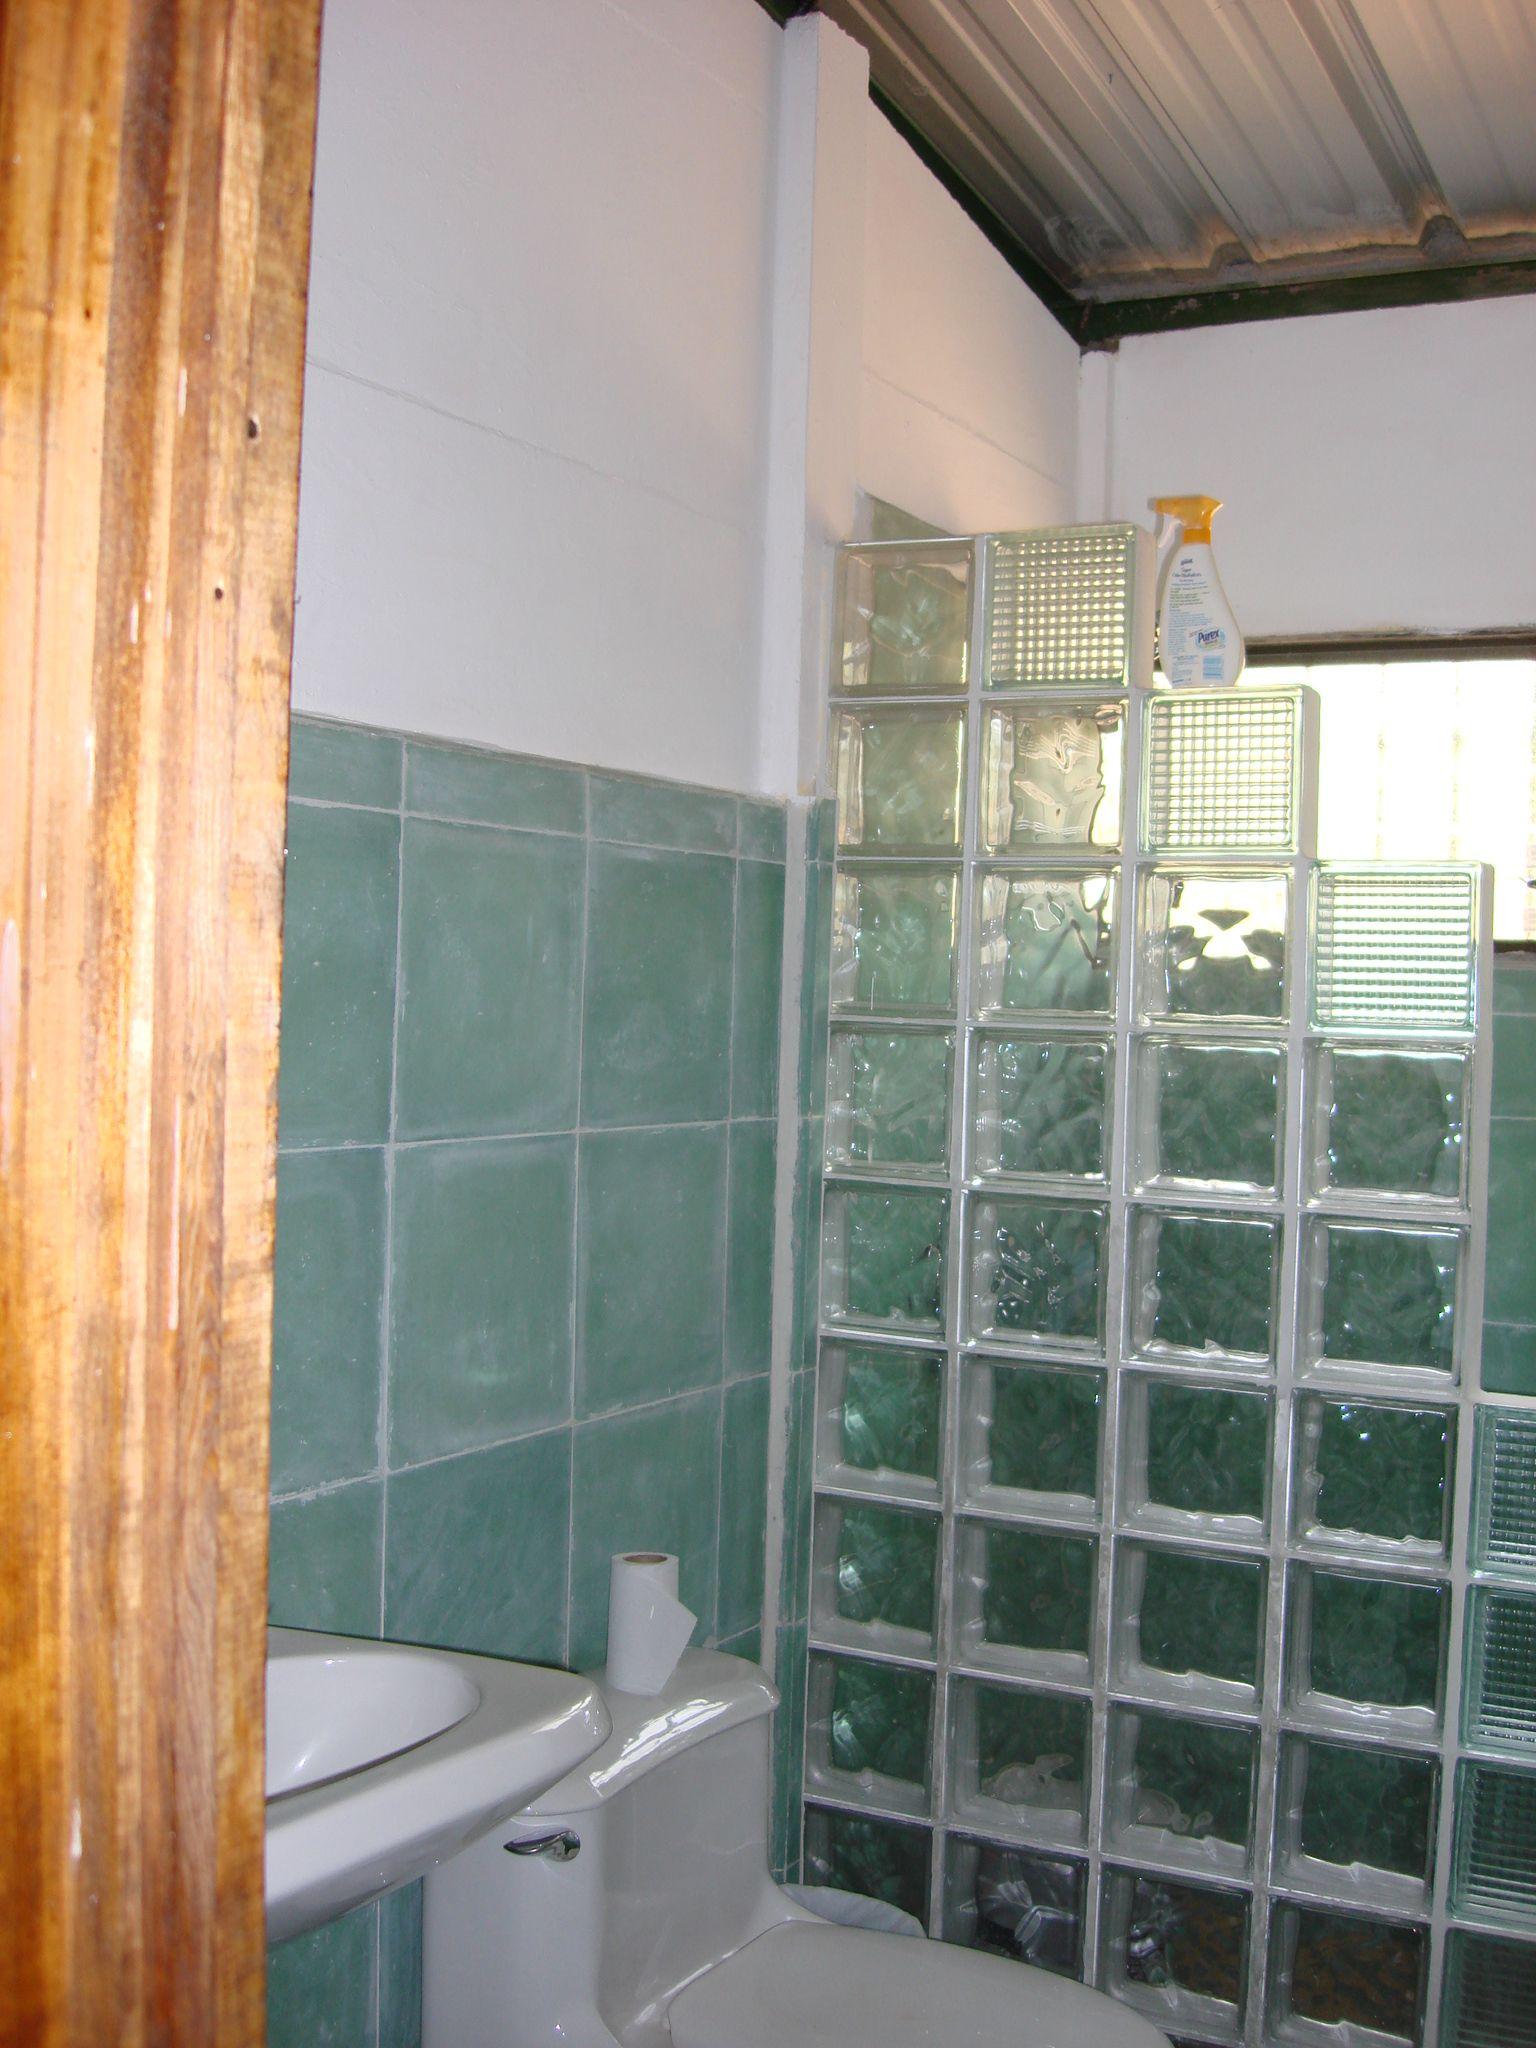 Bloques de vidrio en ducha ba os en casas prefabricadas de concreto pinterest bloques - Bloques de vidrio para bano ...